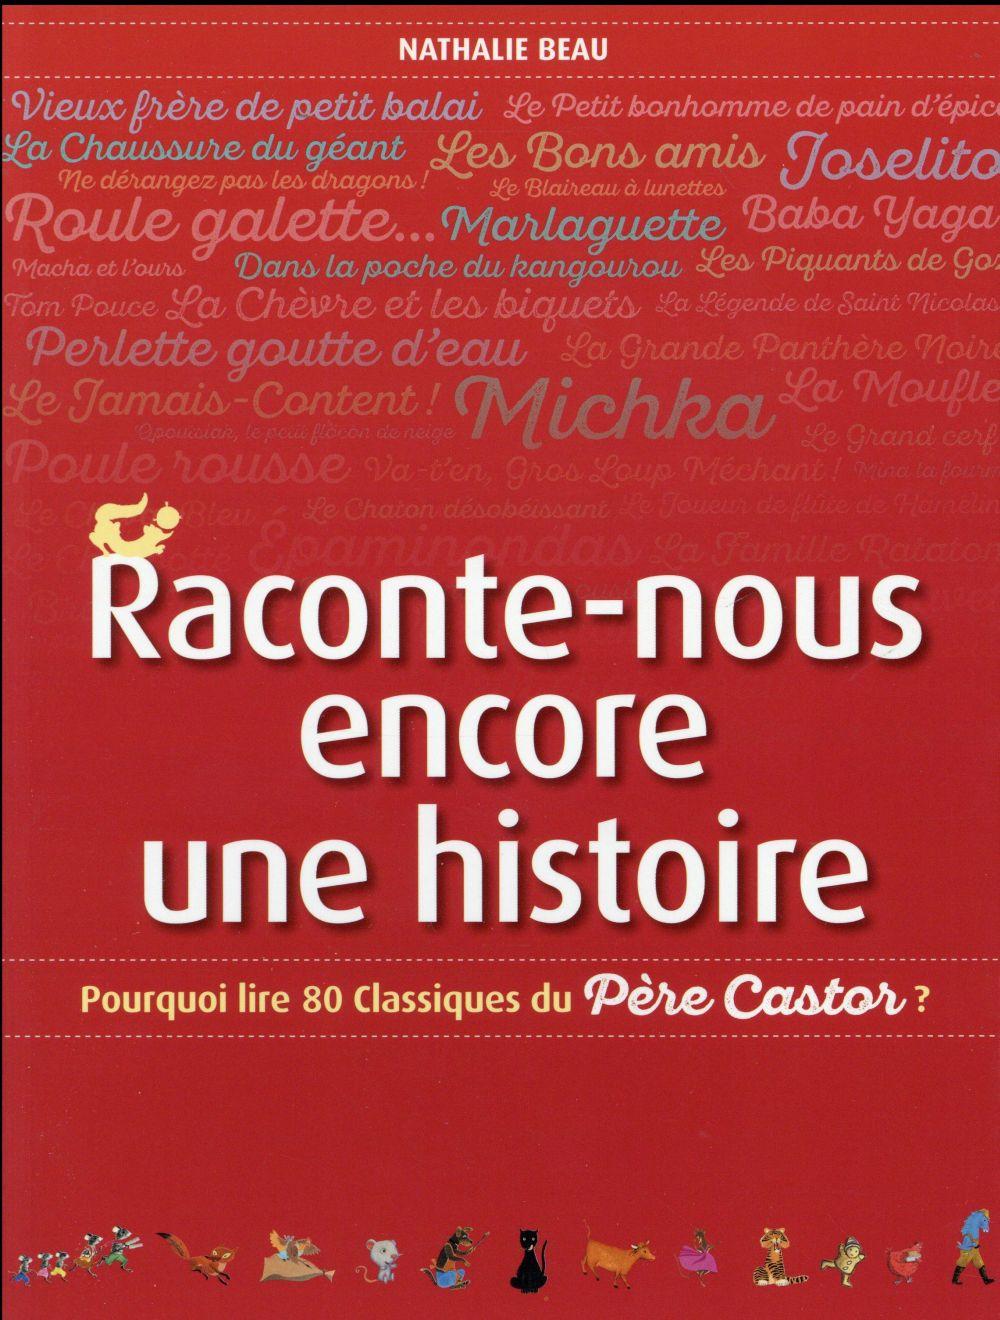 raconte-nous encore une histoire ; pourquoi lire 80 classiques du Père Castor ?